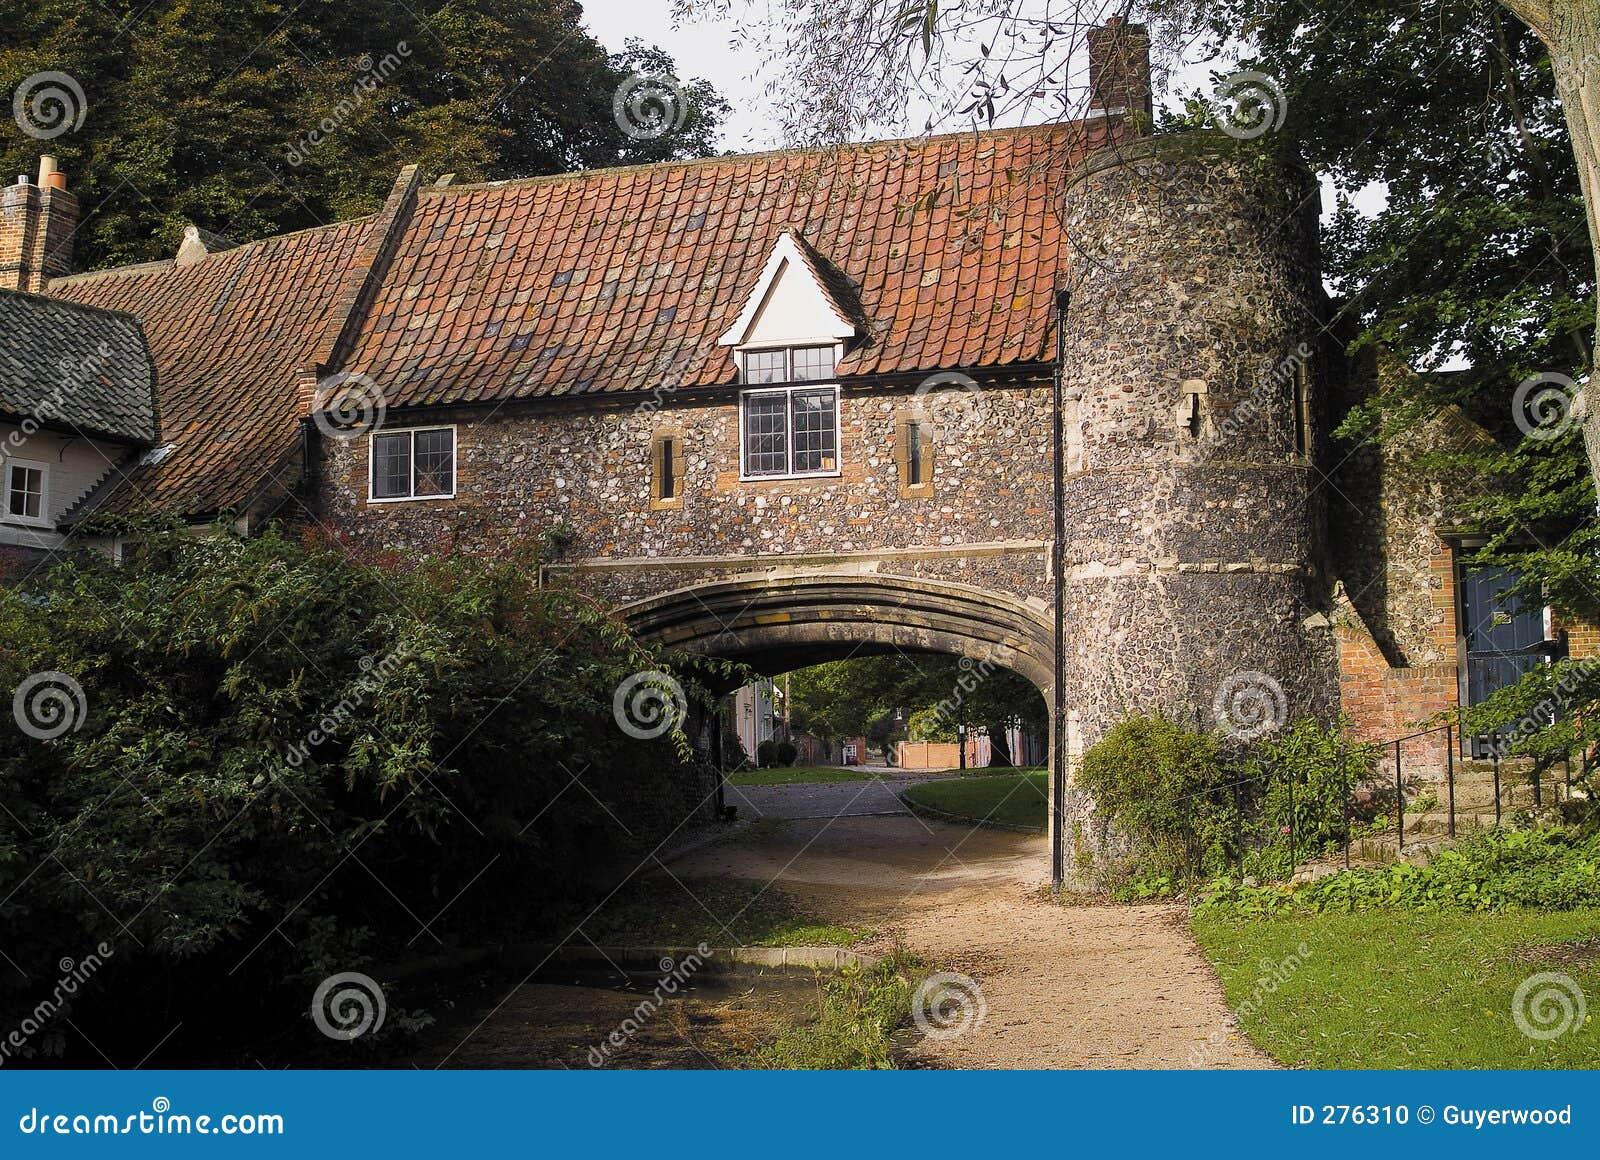 Idyllisch oud engels huis stock foto afbeelding 276310 - Huis verlenging oud huis ...